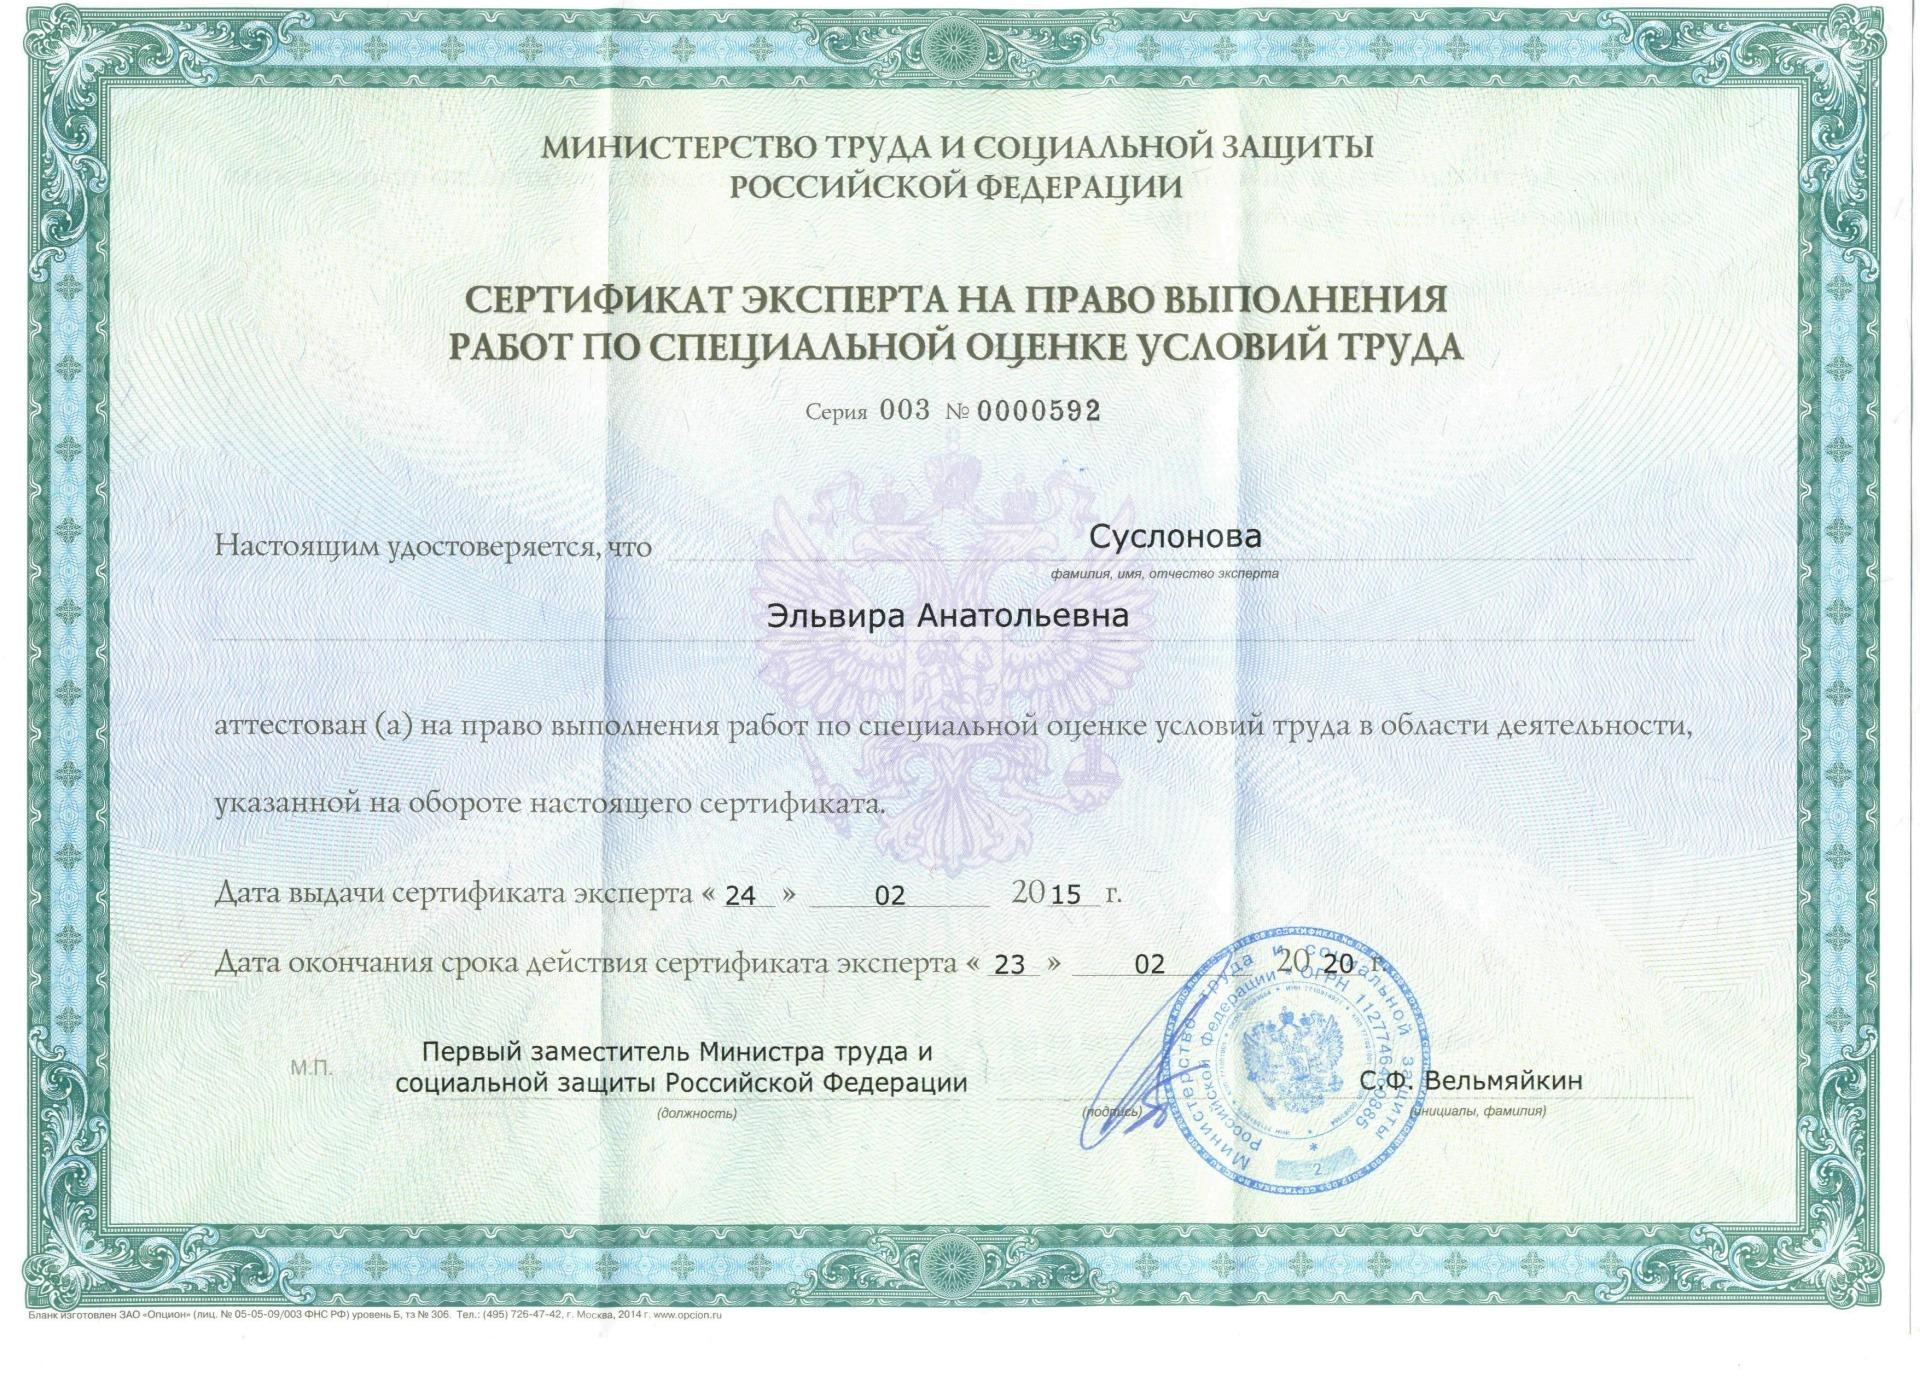 Эксперт СОУТ Суслонова Э.А.